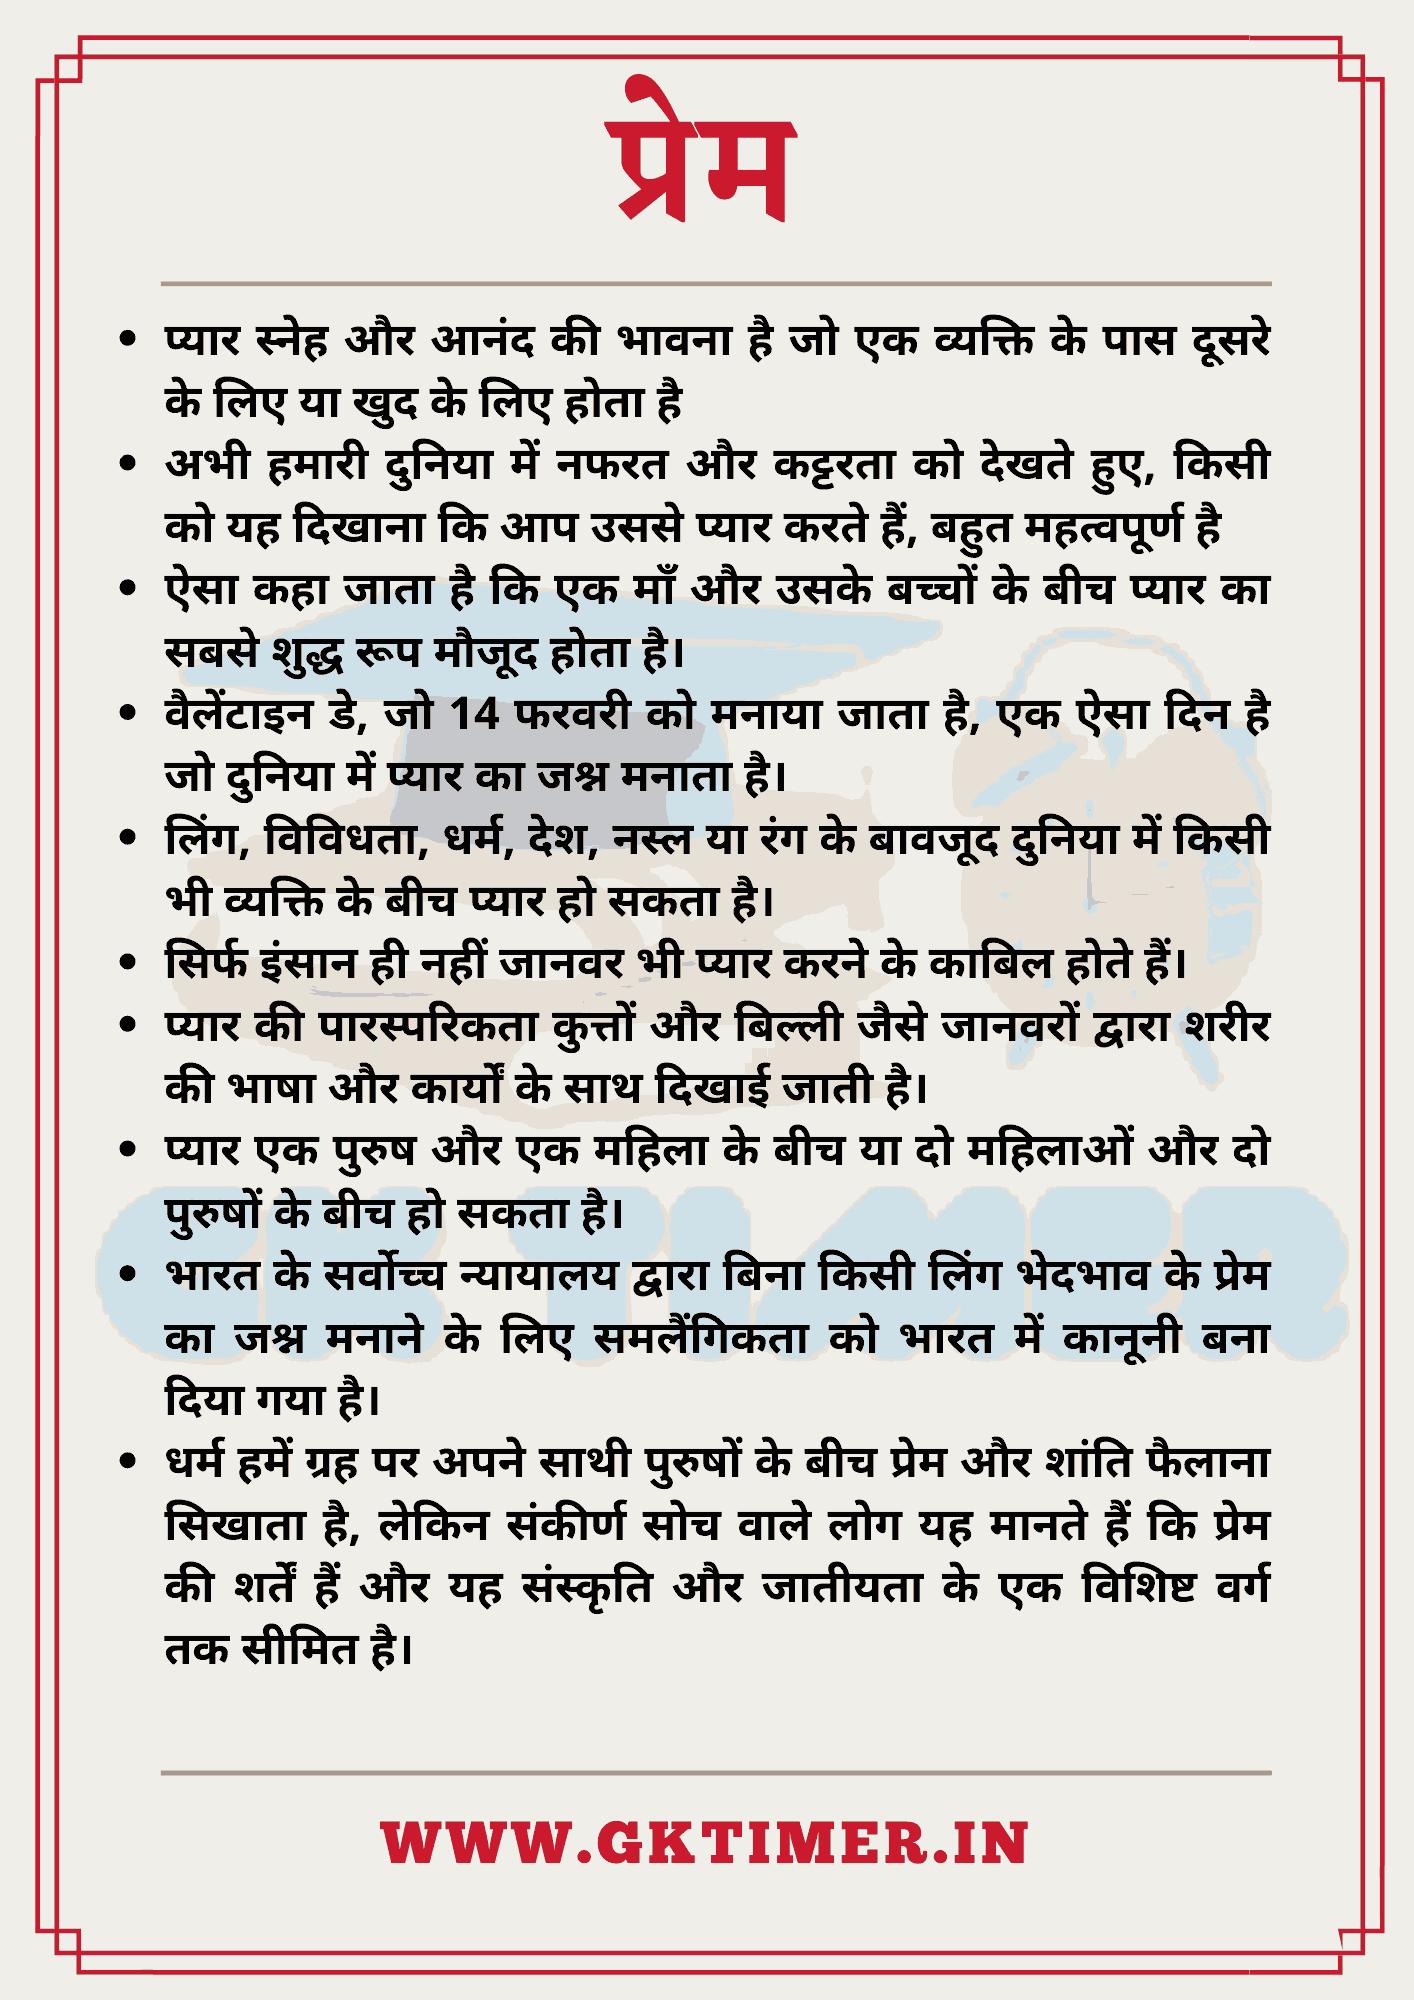 प्रेम पर निबंध | Essay on Love in Hindi | 10 Lines on Love in Hindi